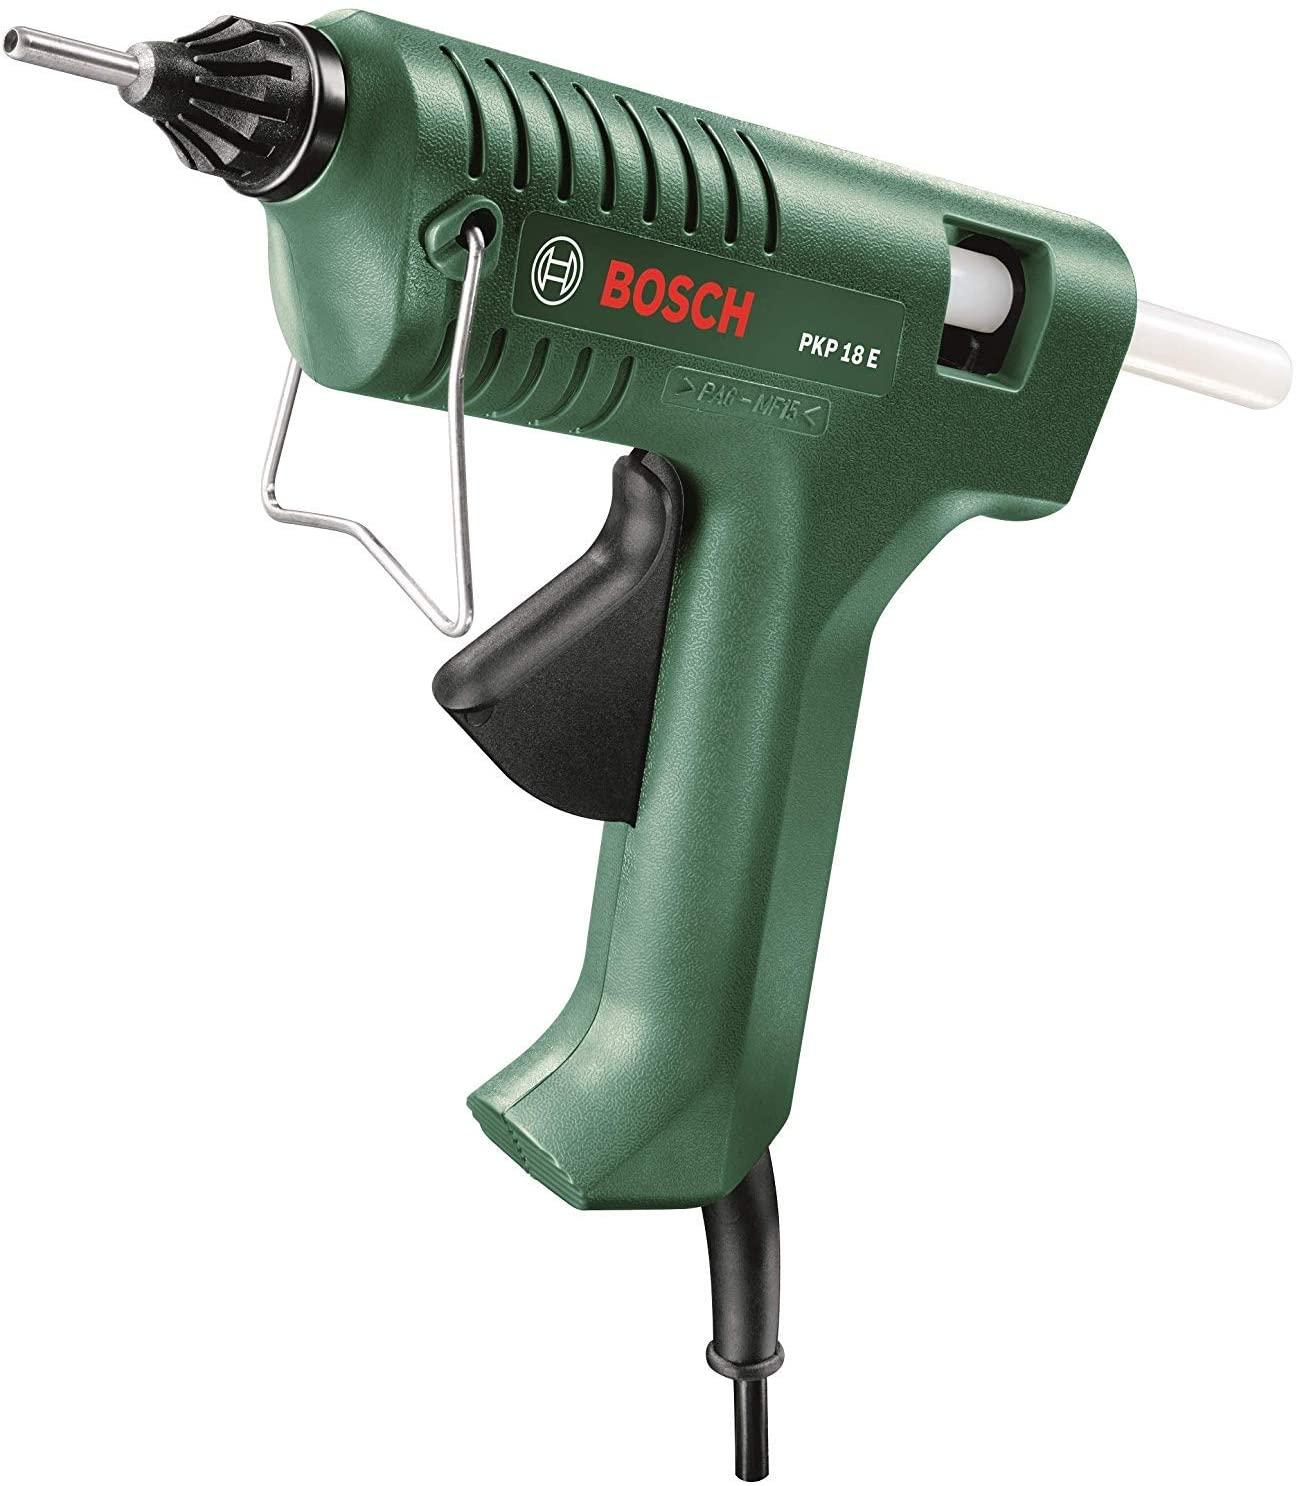 Bosch-PKP18E